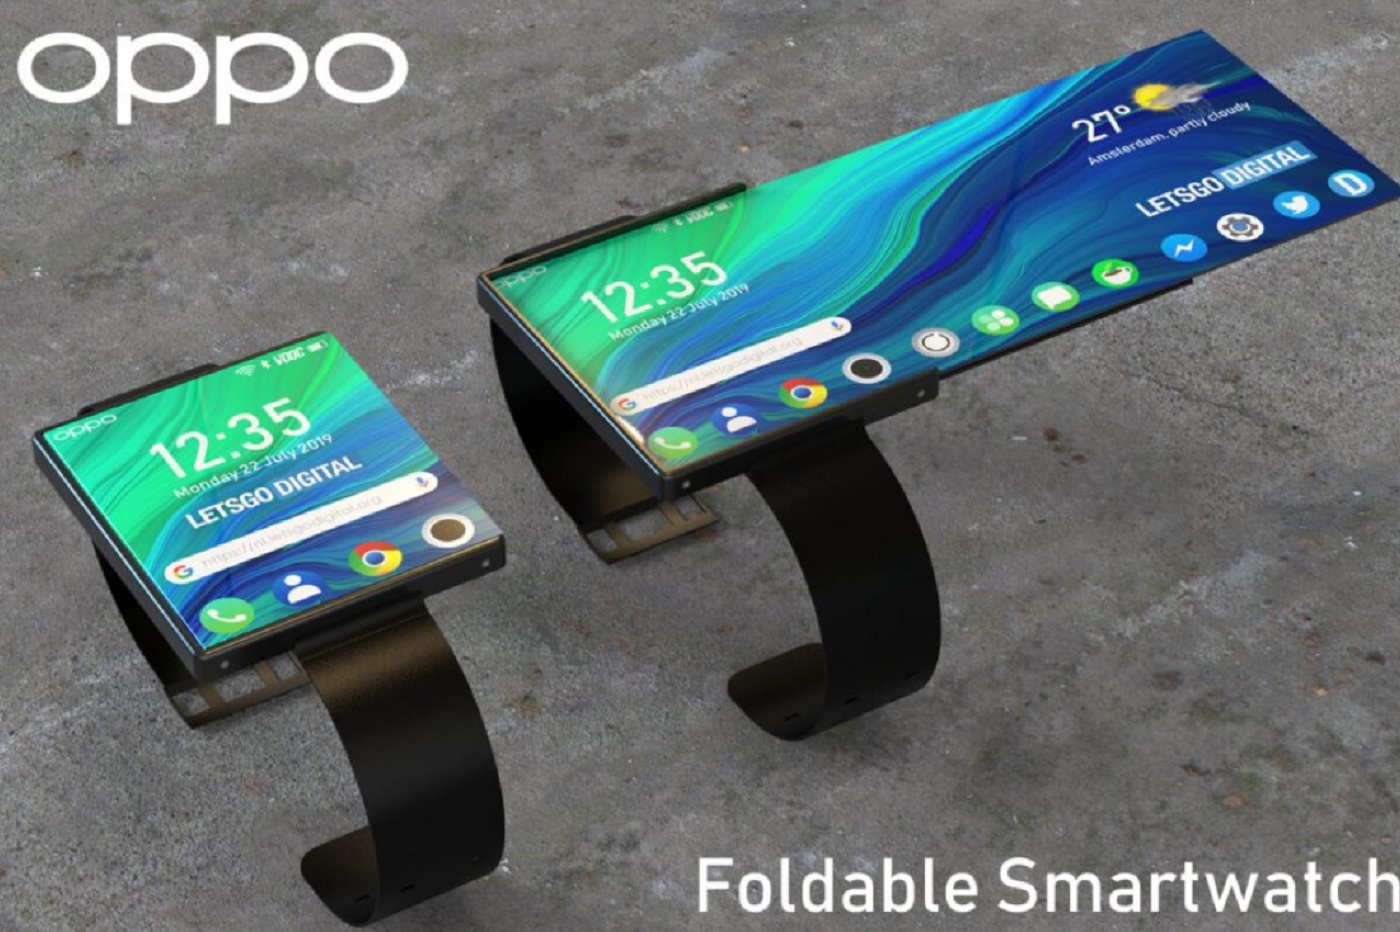 OPPO rêve aussi d'une montre/smartphone avec écran pliable